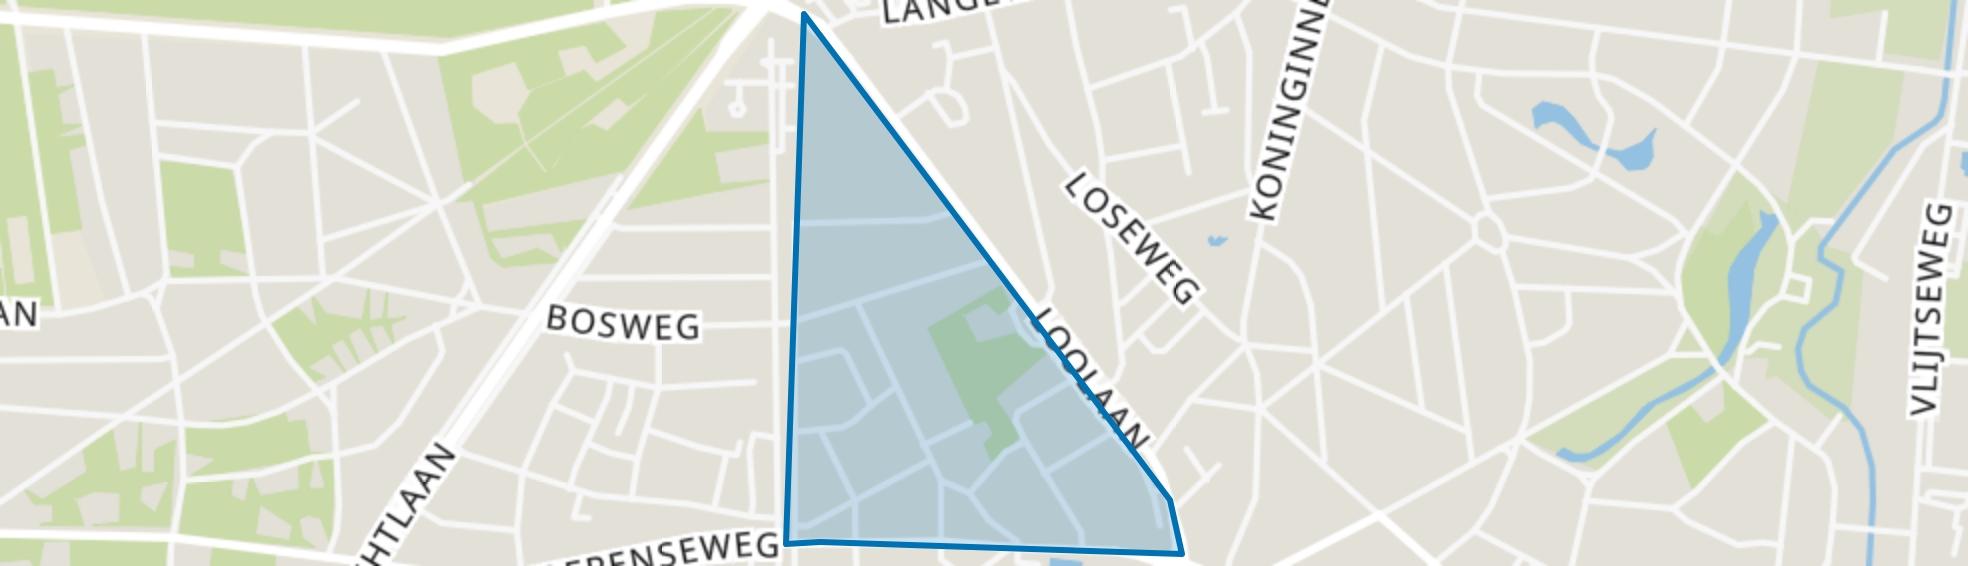 Spainkbos, Apeldoorn map